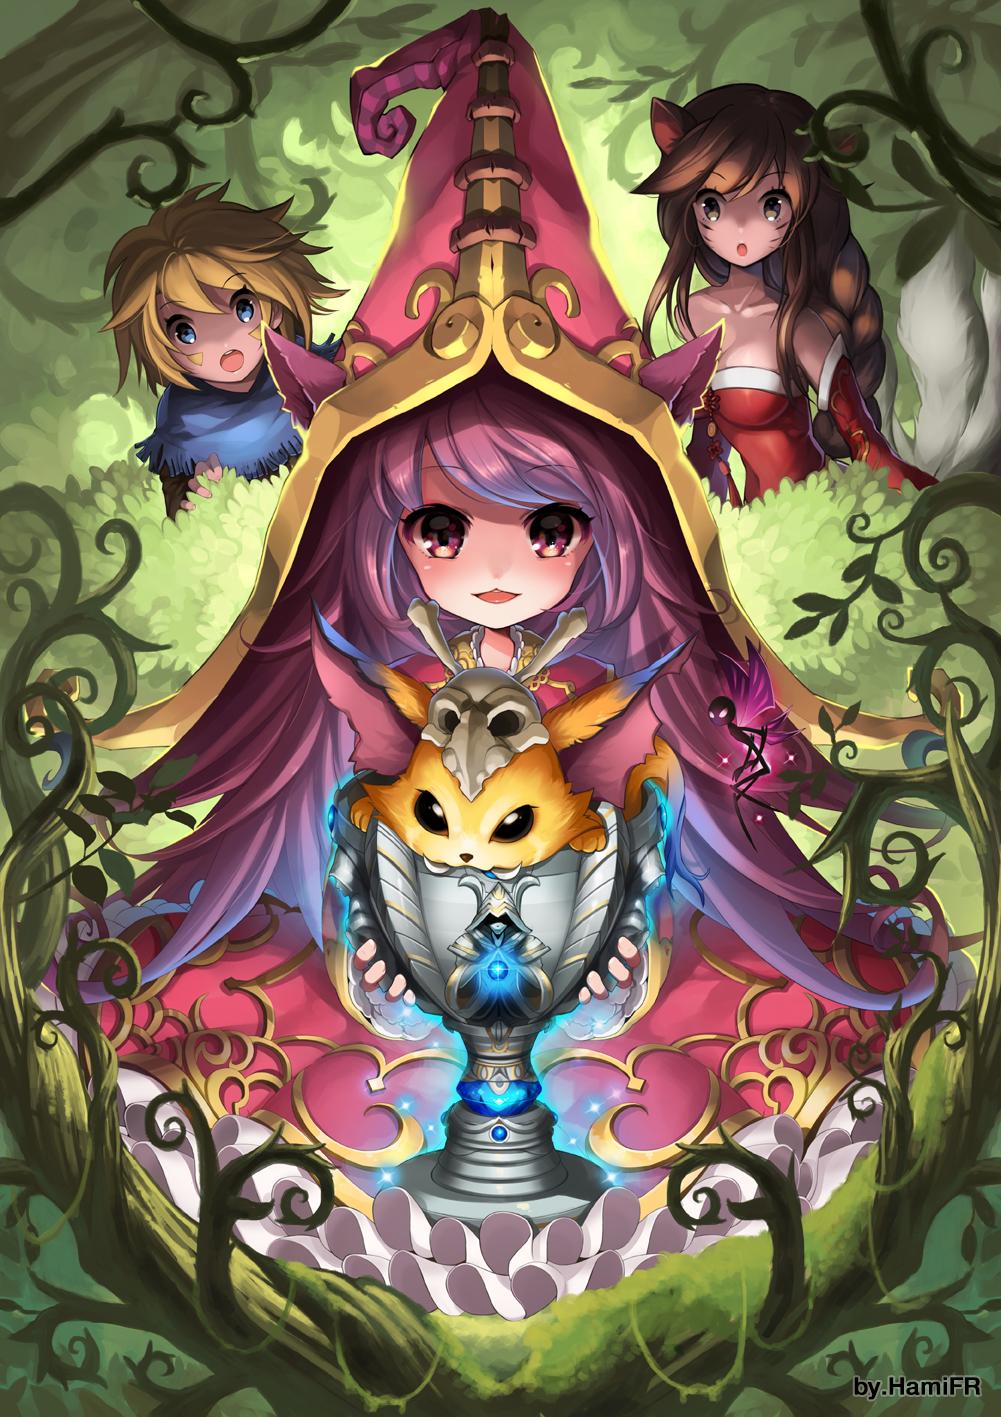 Gnar (League of Legends), Fanart - Zerochan Anime Image Board